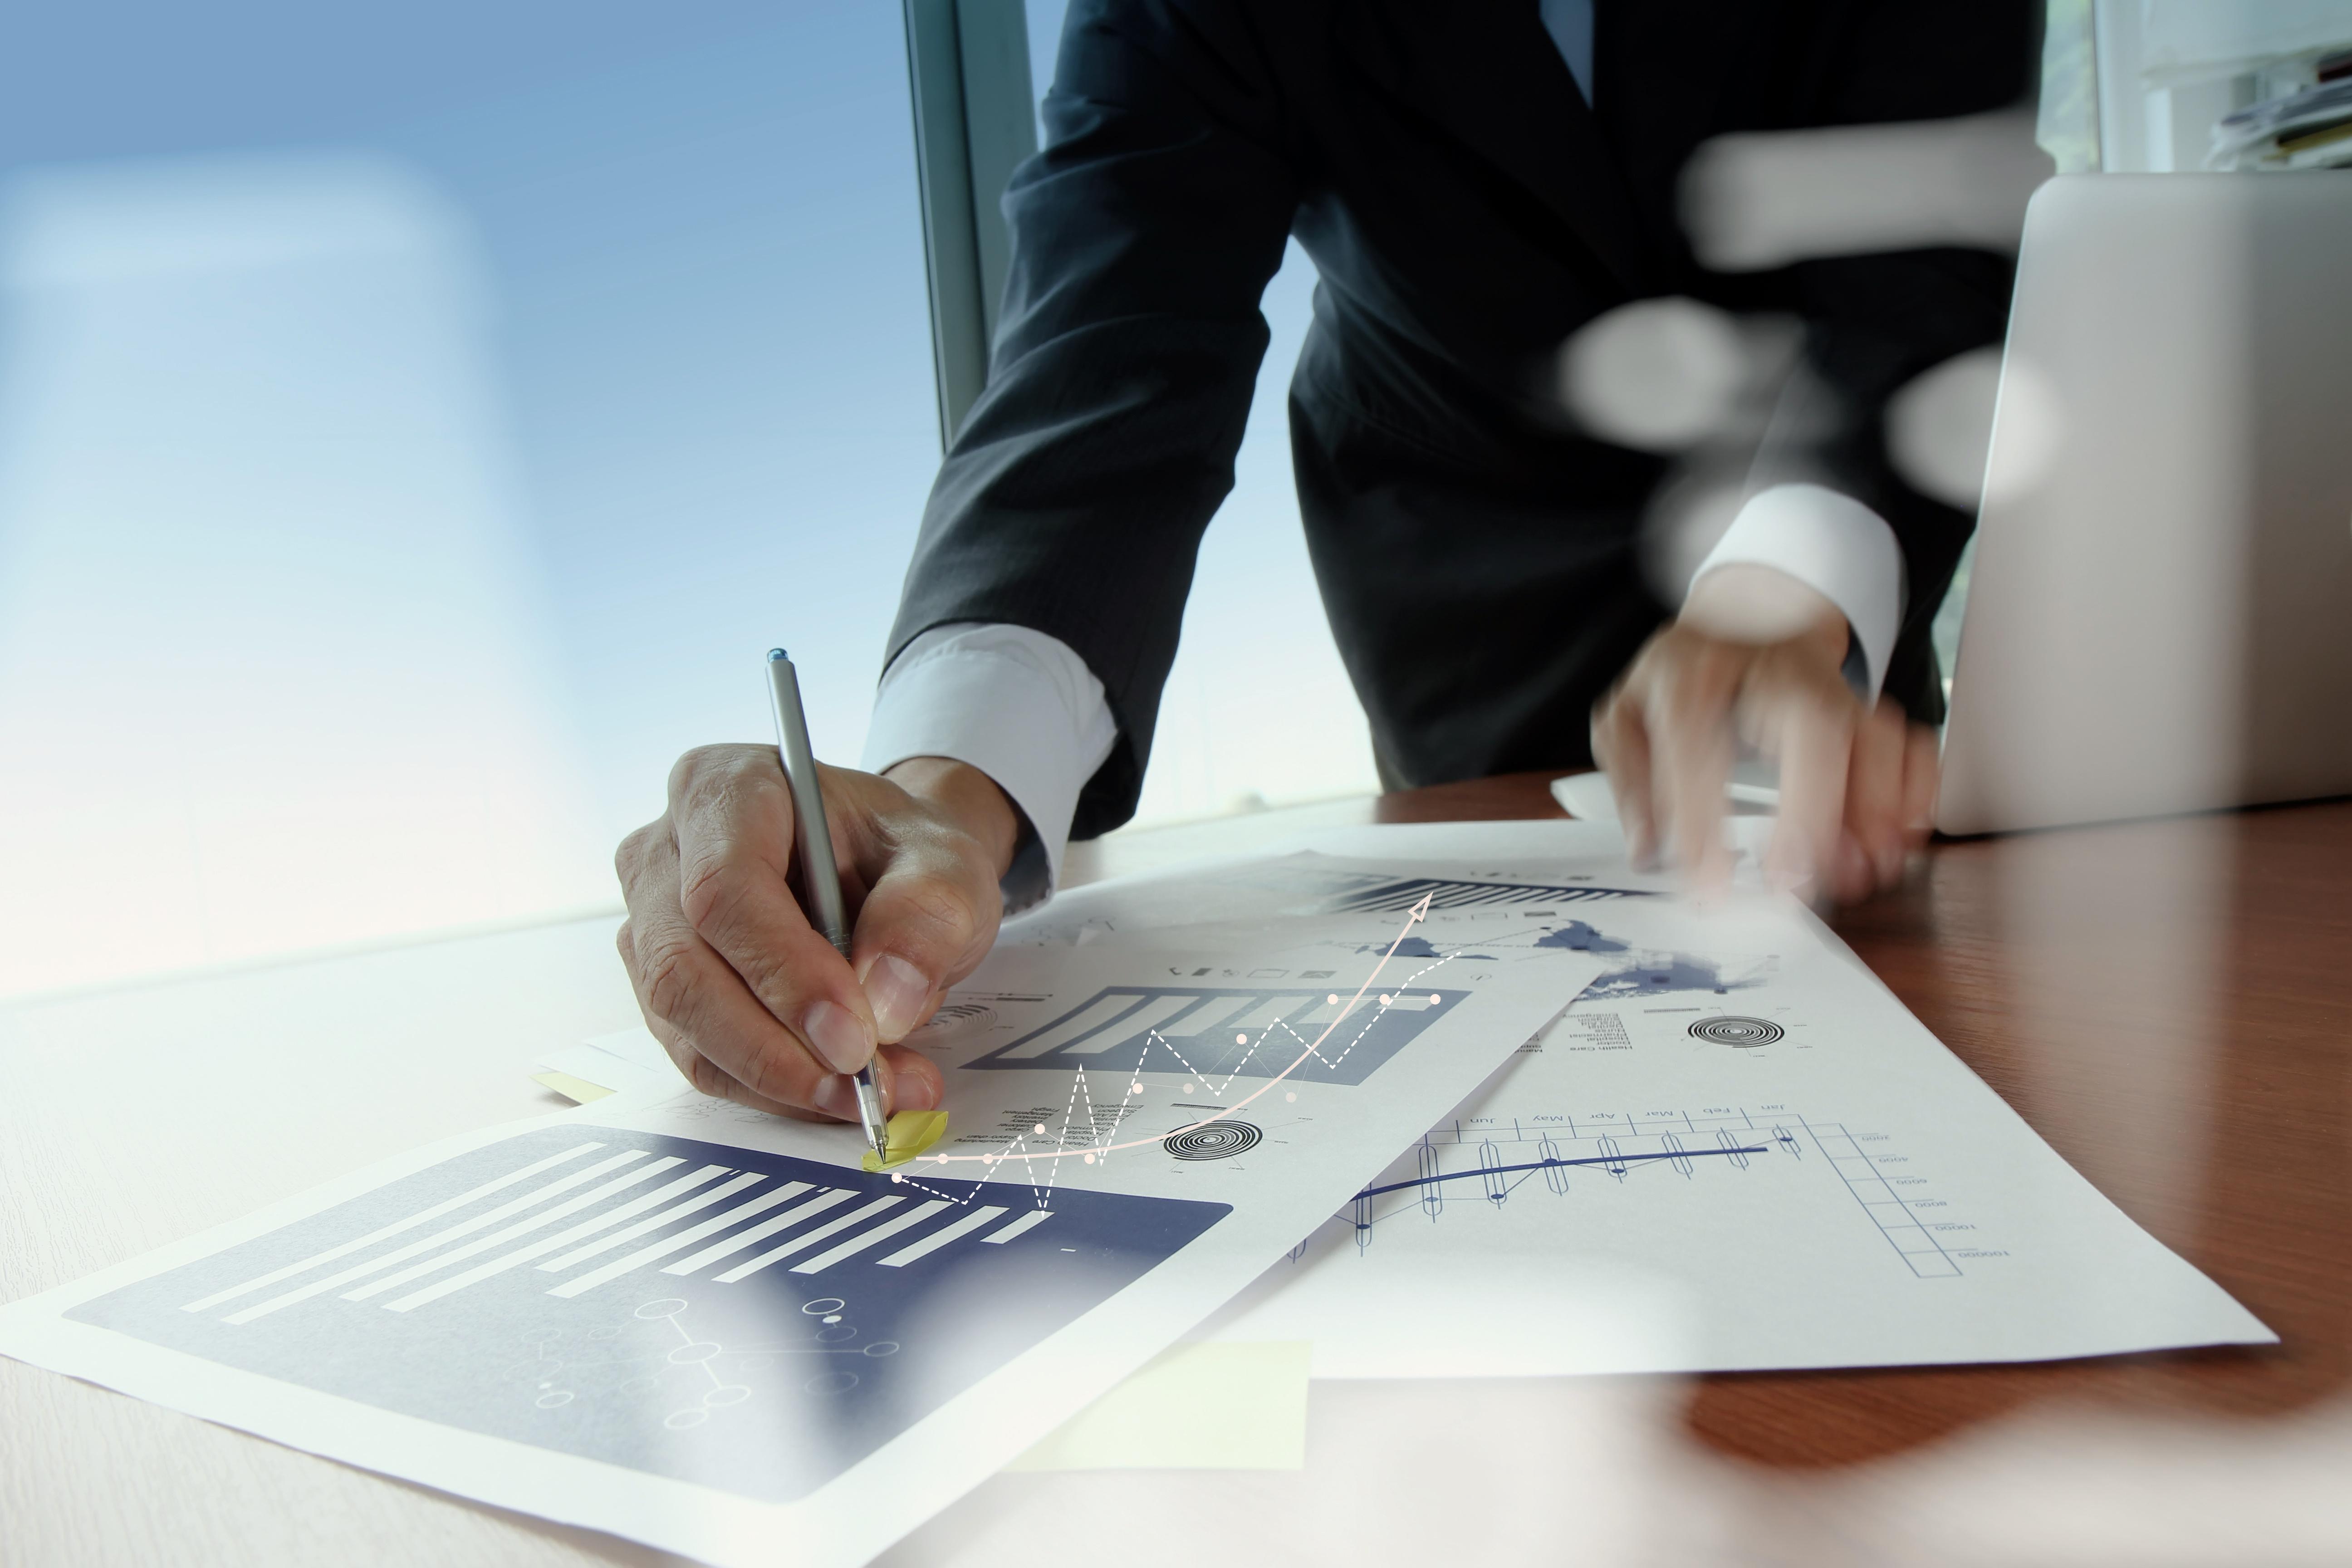 Practicile mici și mijlocii și organismele profesionale contabile trebuie să colaboreze pentru a se adapta schimbărilor aduse de un viitor caracterizat de evoluții permanente, recomandă un raport global